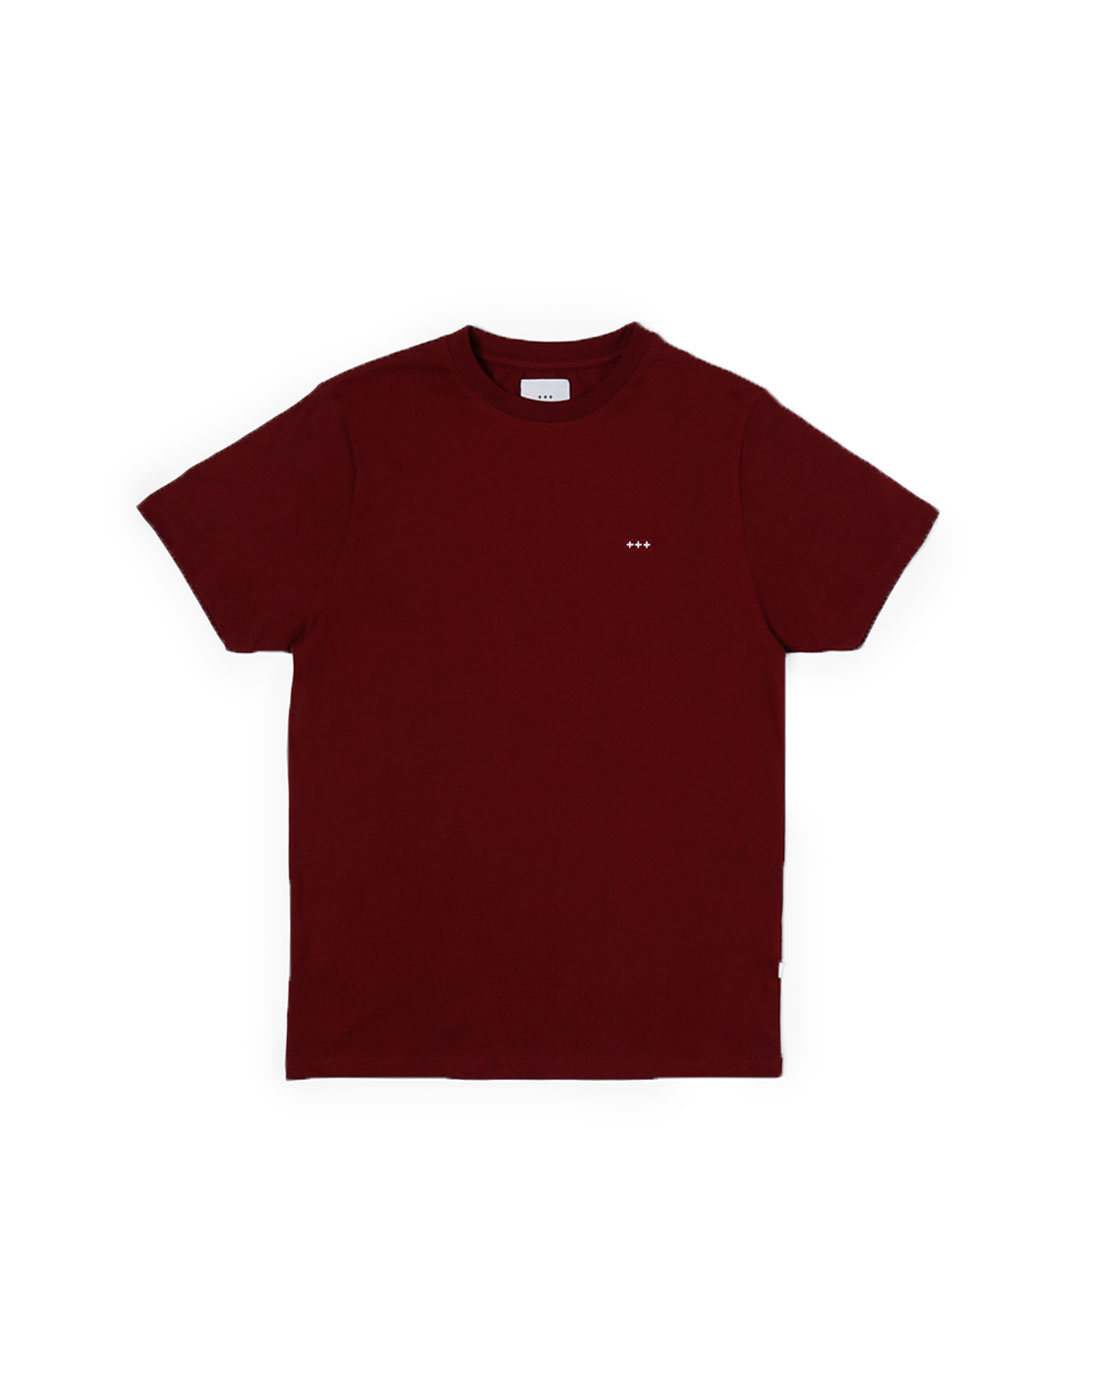 Quality Blanks QB03 Patch Logo T-Shirt Burgundy Red